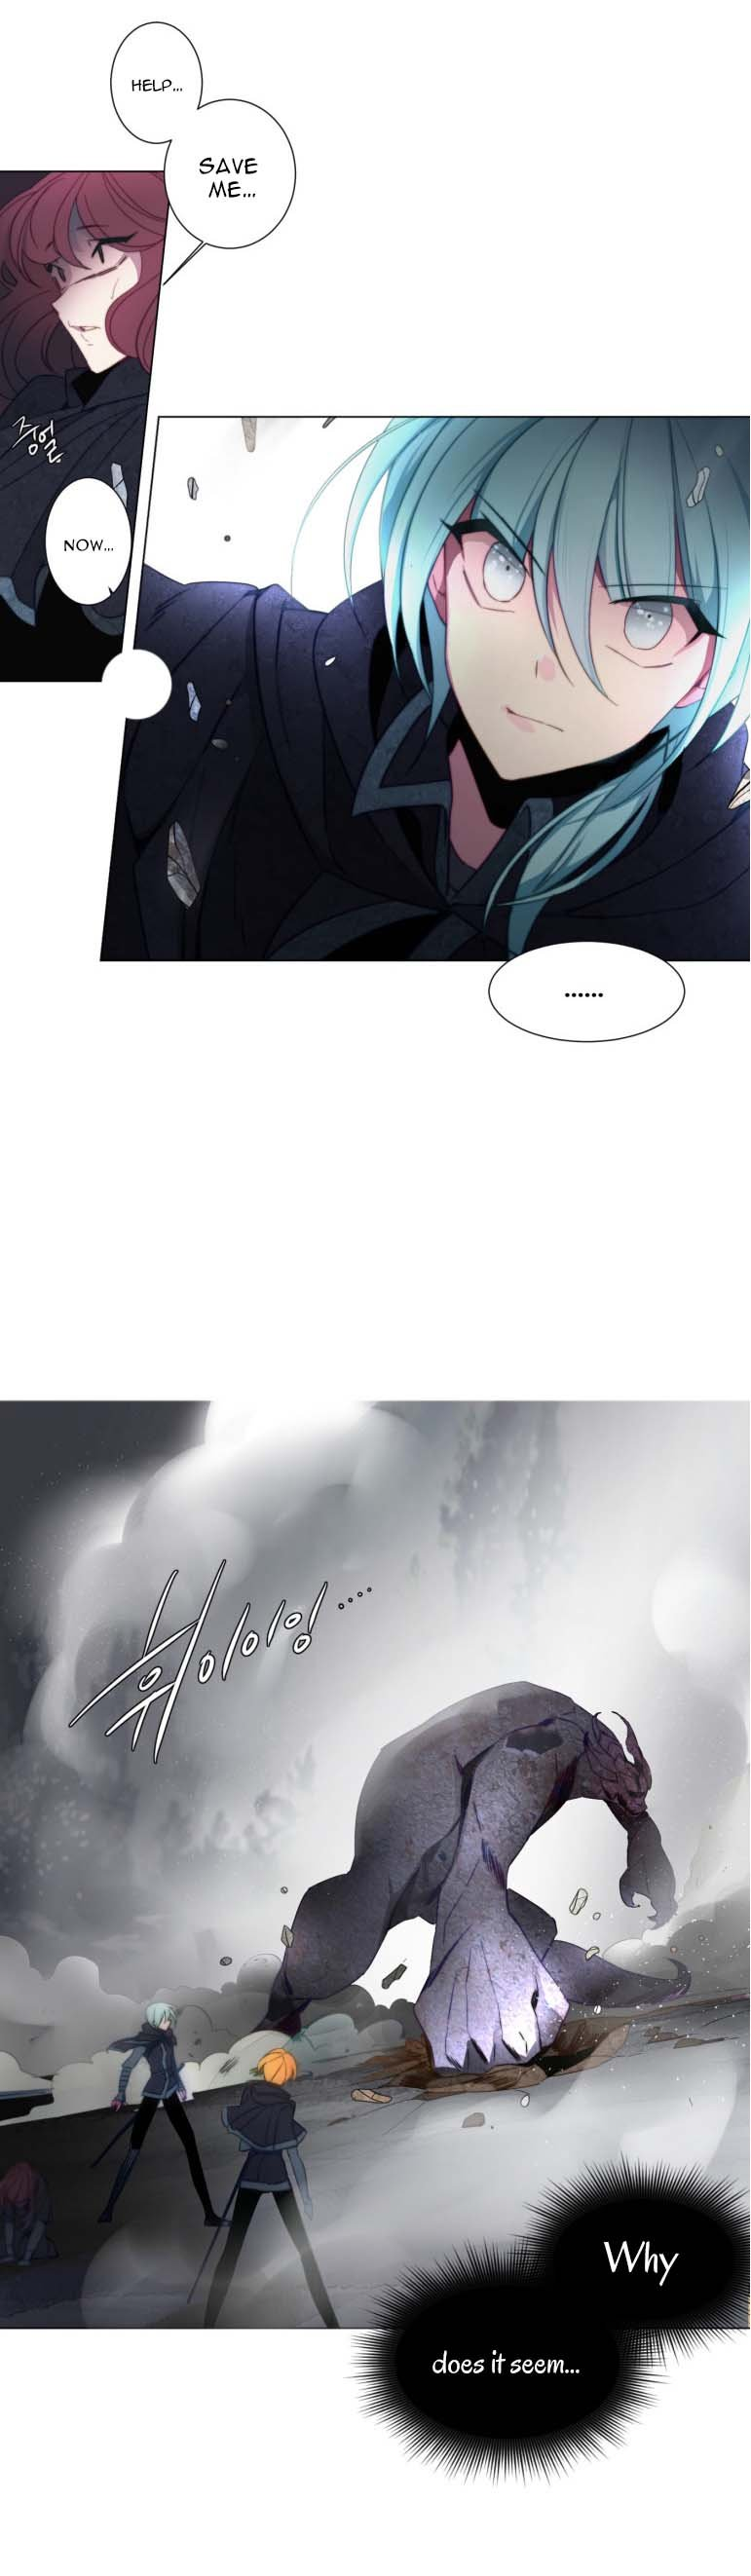 Manga Anz - Chapter 41 Page 21